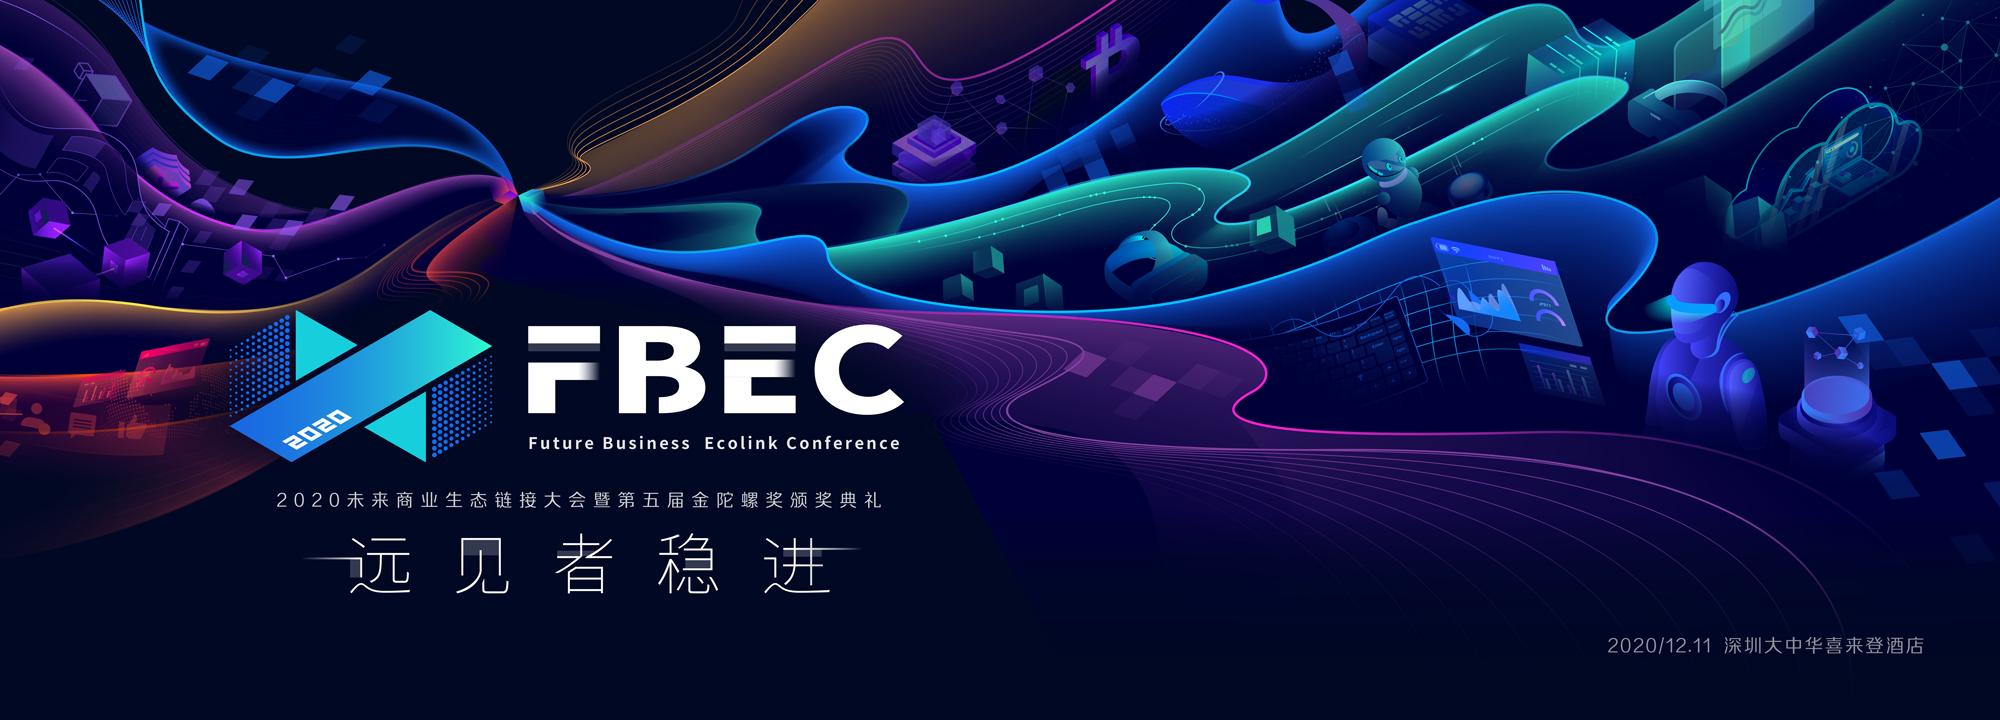 3Glasses总经理刘东奇将出席FBEC大会发表演讲【FBEC2020】